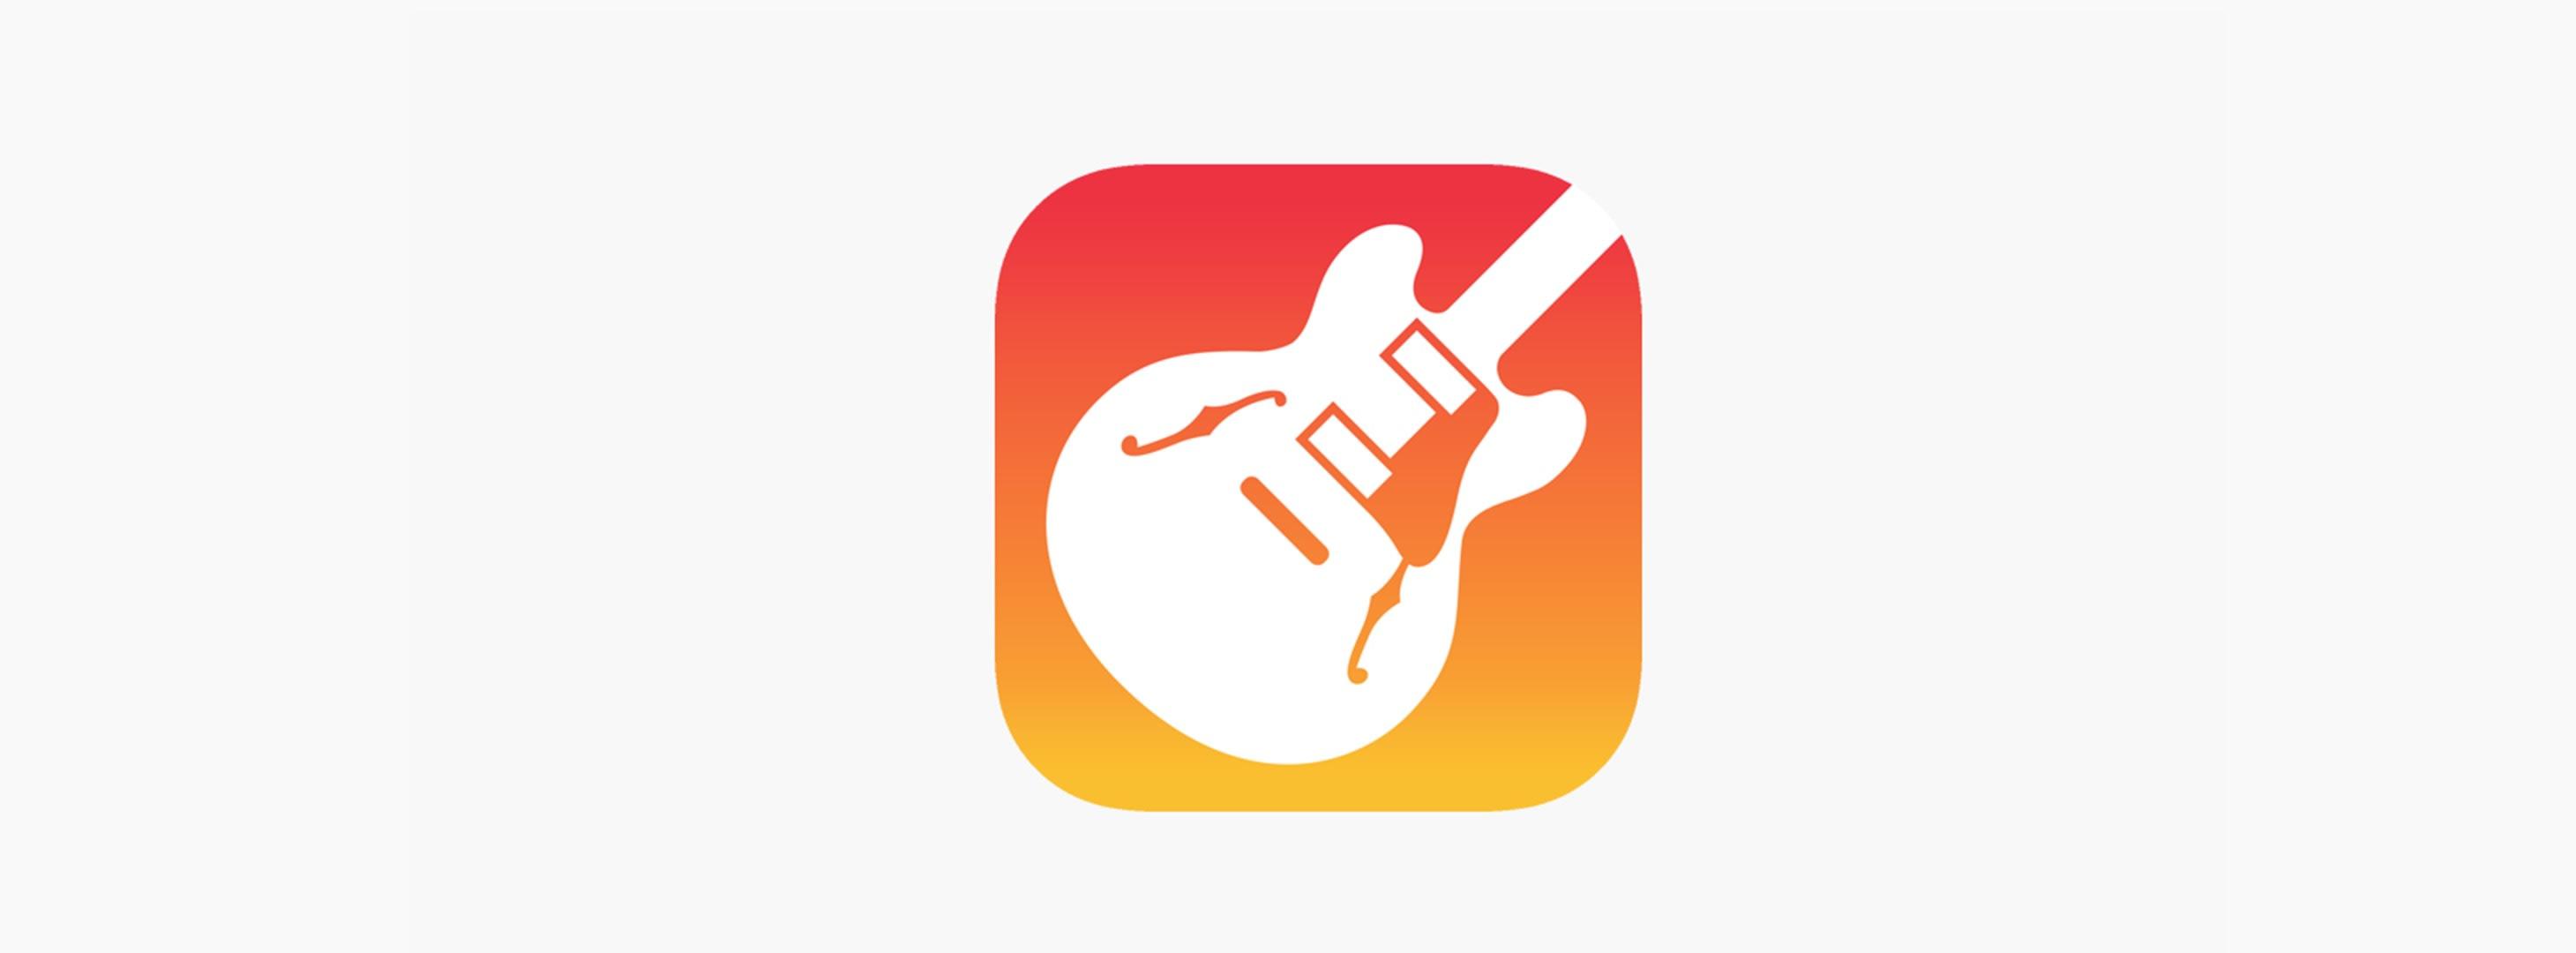 allapplenews-best-ipad-apps